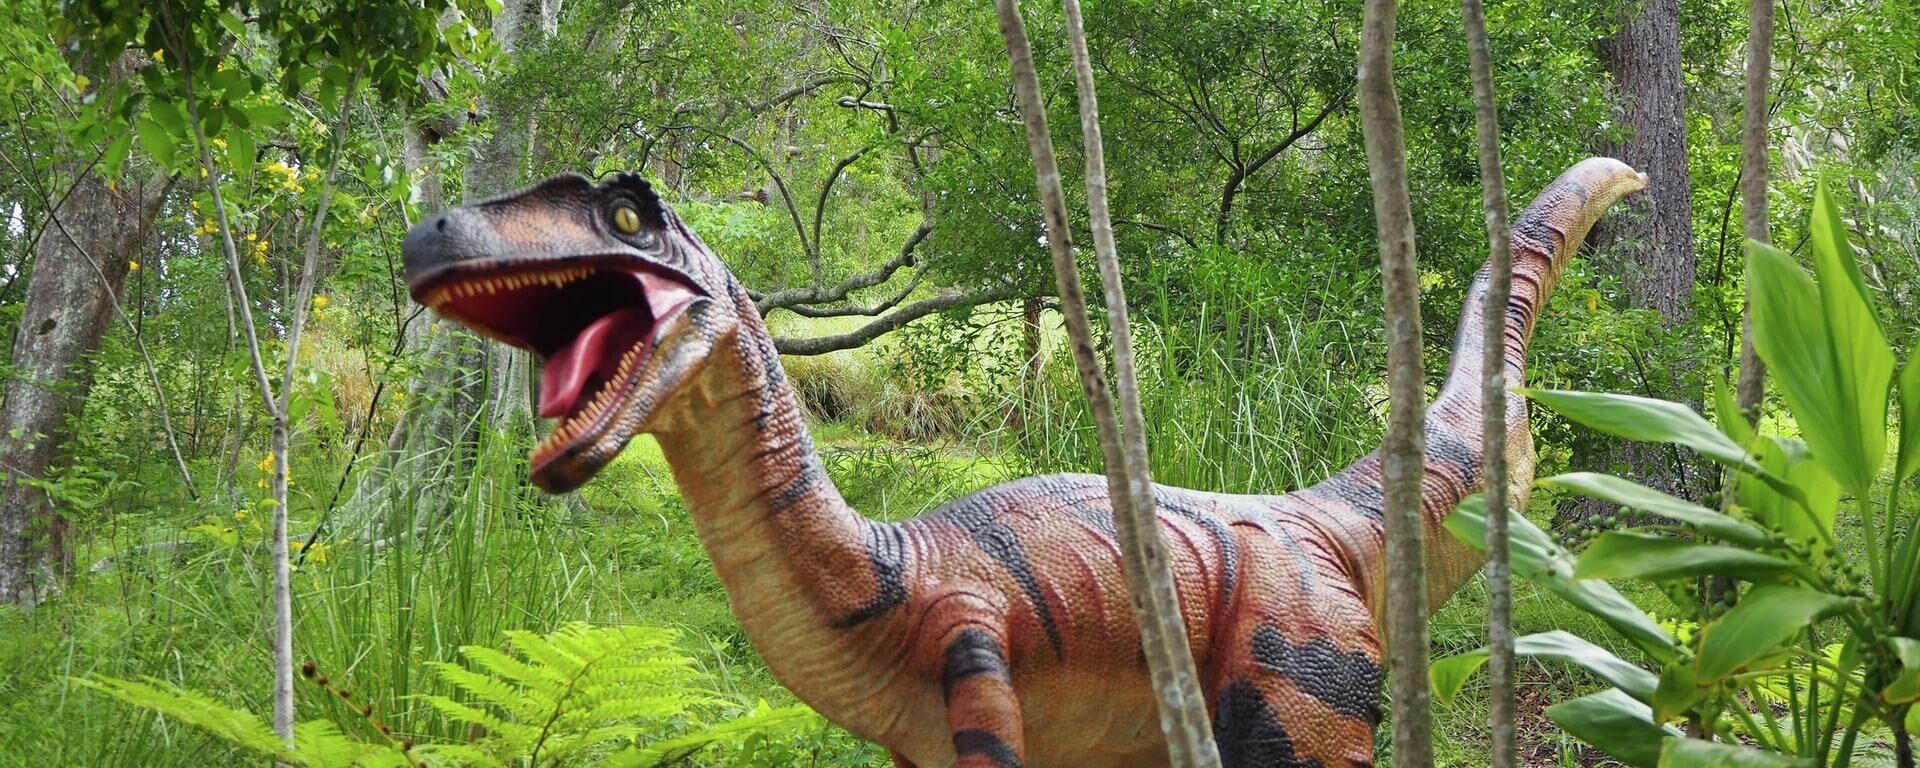 La estatua de un dinosaurio - Sputnik Mundo, 1920, 23.09.2021